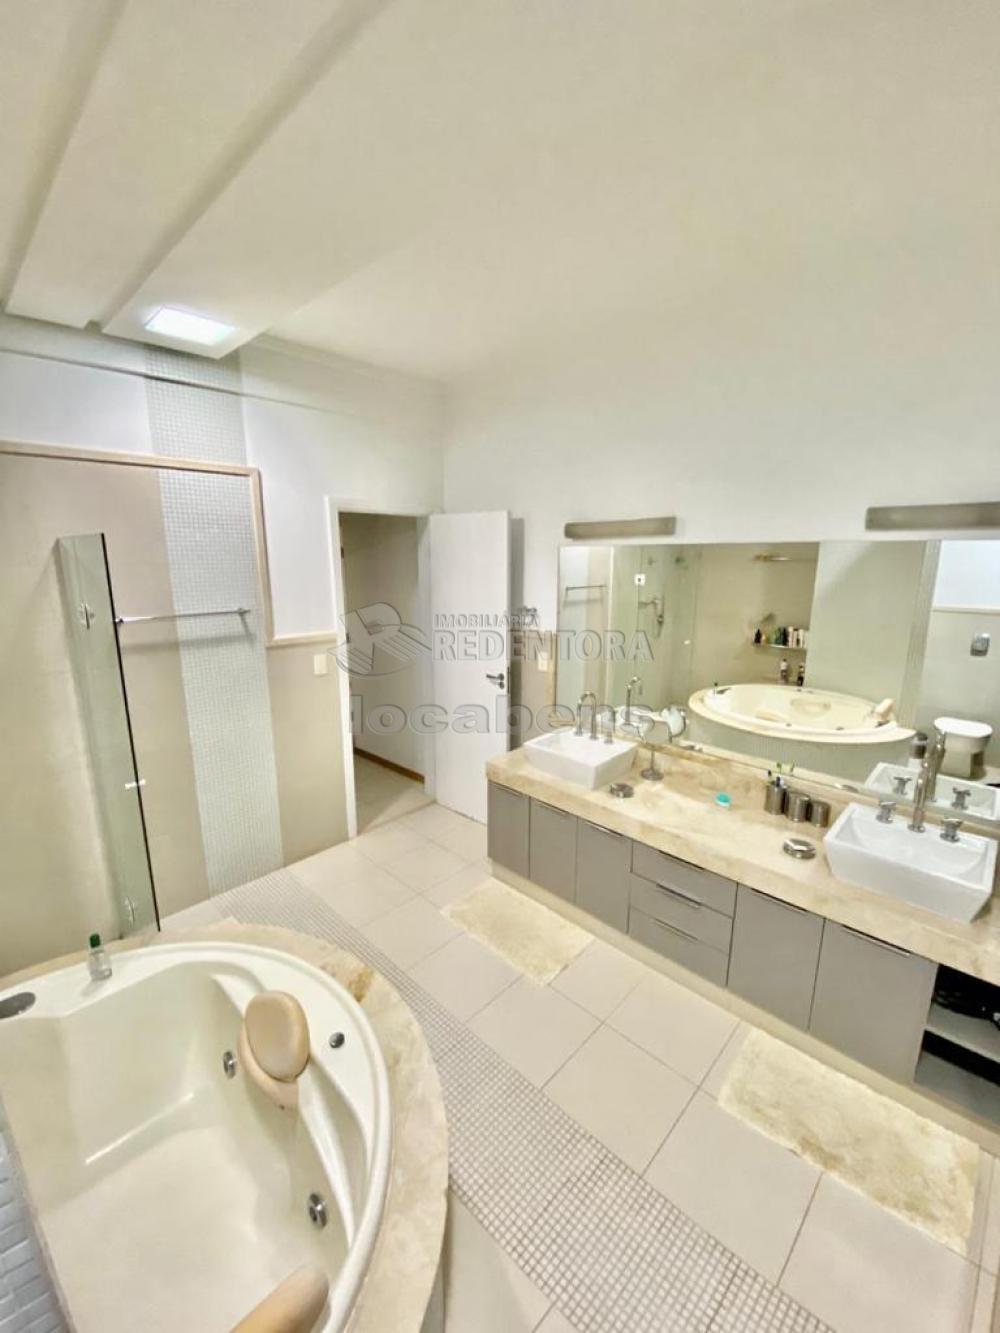 Comprar Casa / Condomínio em São José do Rio Preto R$ 1.750.000,00 - Foto 14